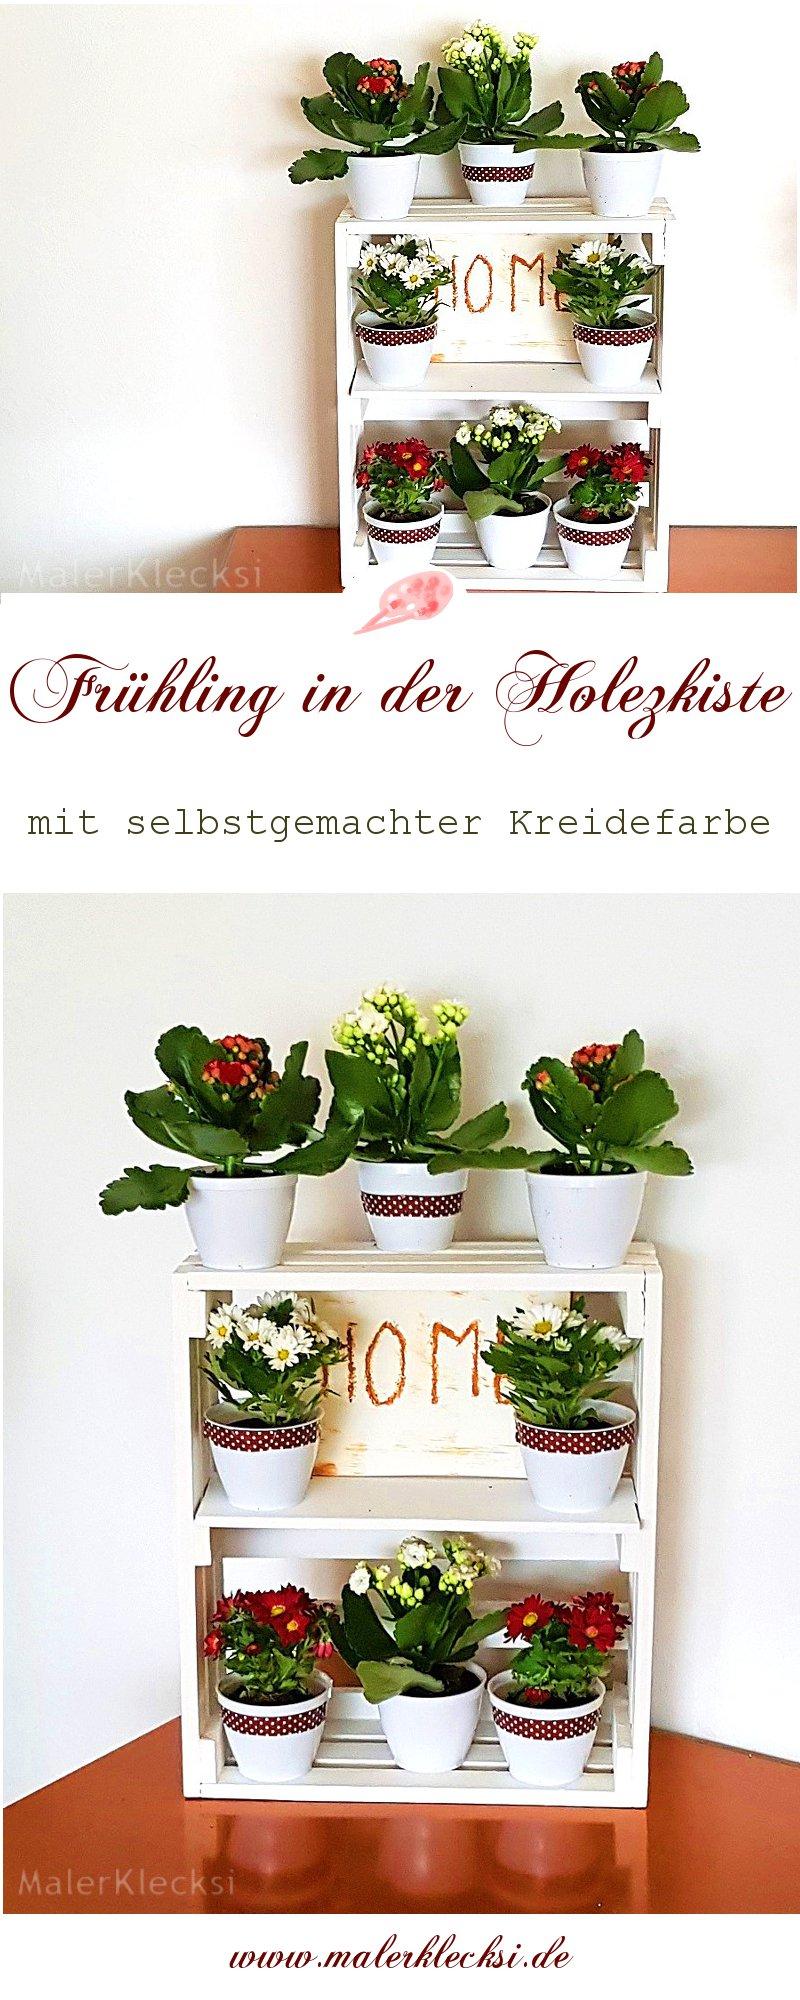 Frühlingsblumen in der Holzkiste mit selbstgemachter Kreidefarbe